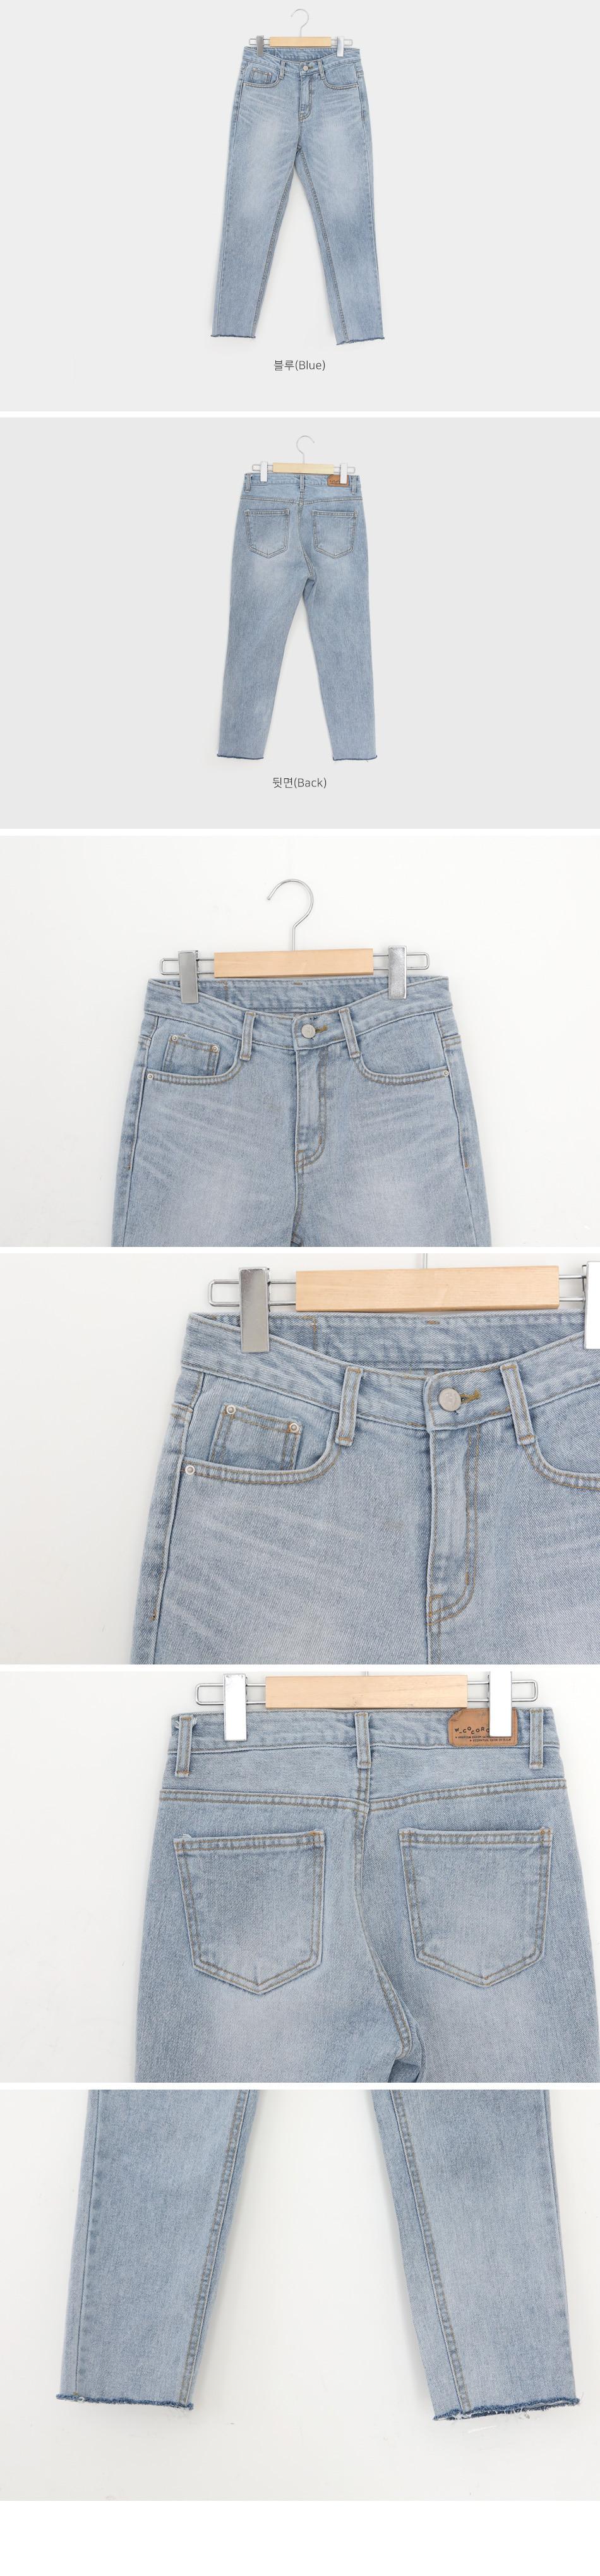 Danish denim pants